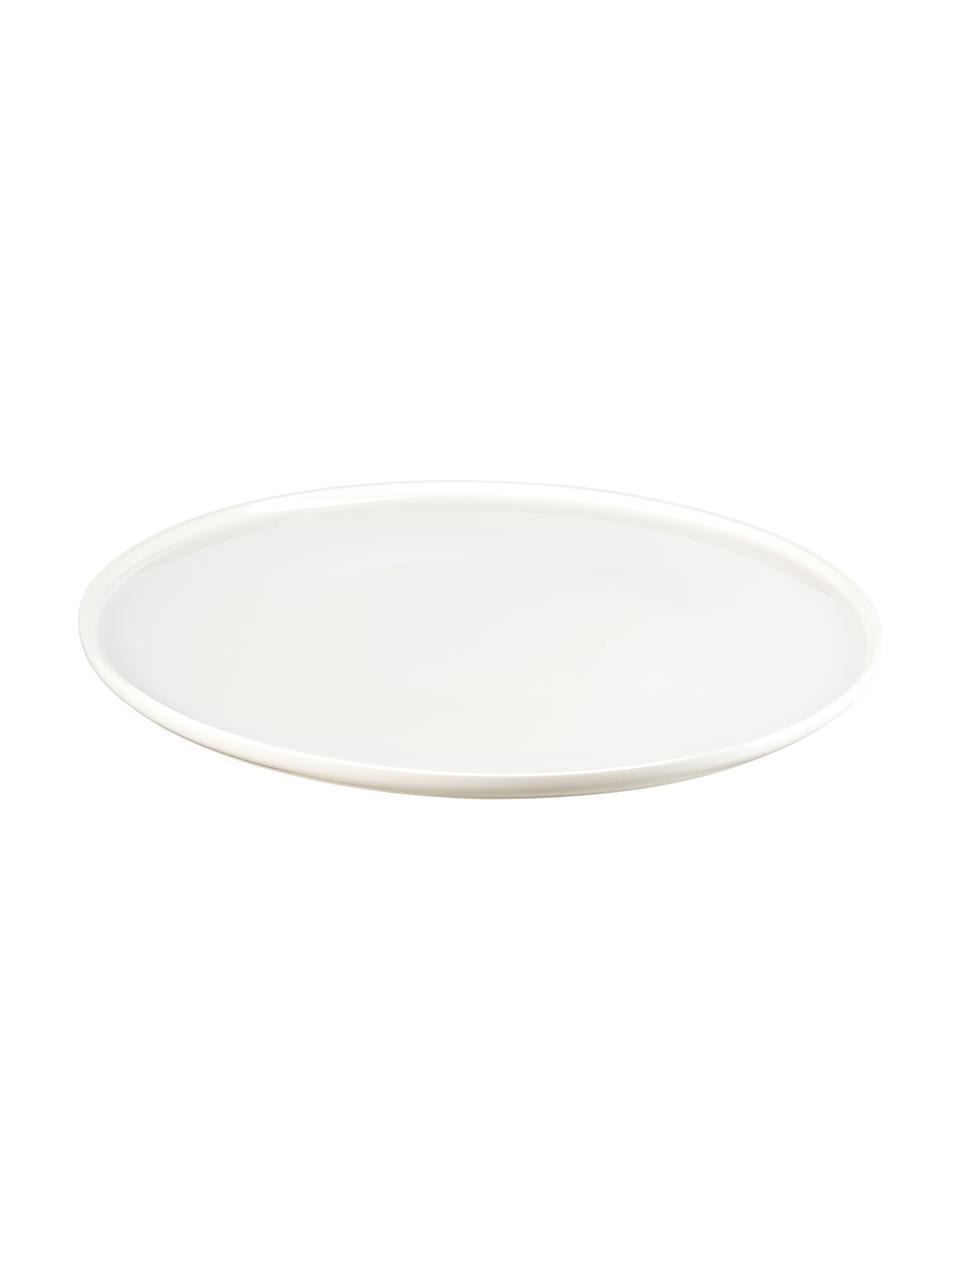 Piatto Fine Bone China Oco 6 pz, Fine Bone China (porcellana) La Fine Bone China è una porcellana a pasta morbida particolarmente caratterizzata dalla sua lucentezza radiosa e traslucida, Avorio, Ø 32 cm